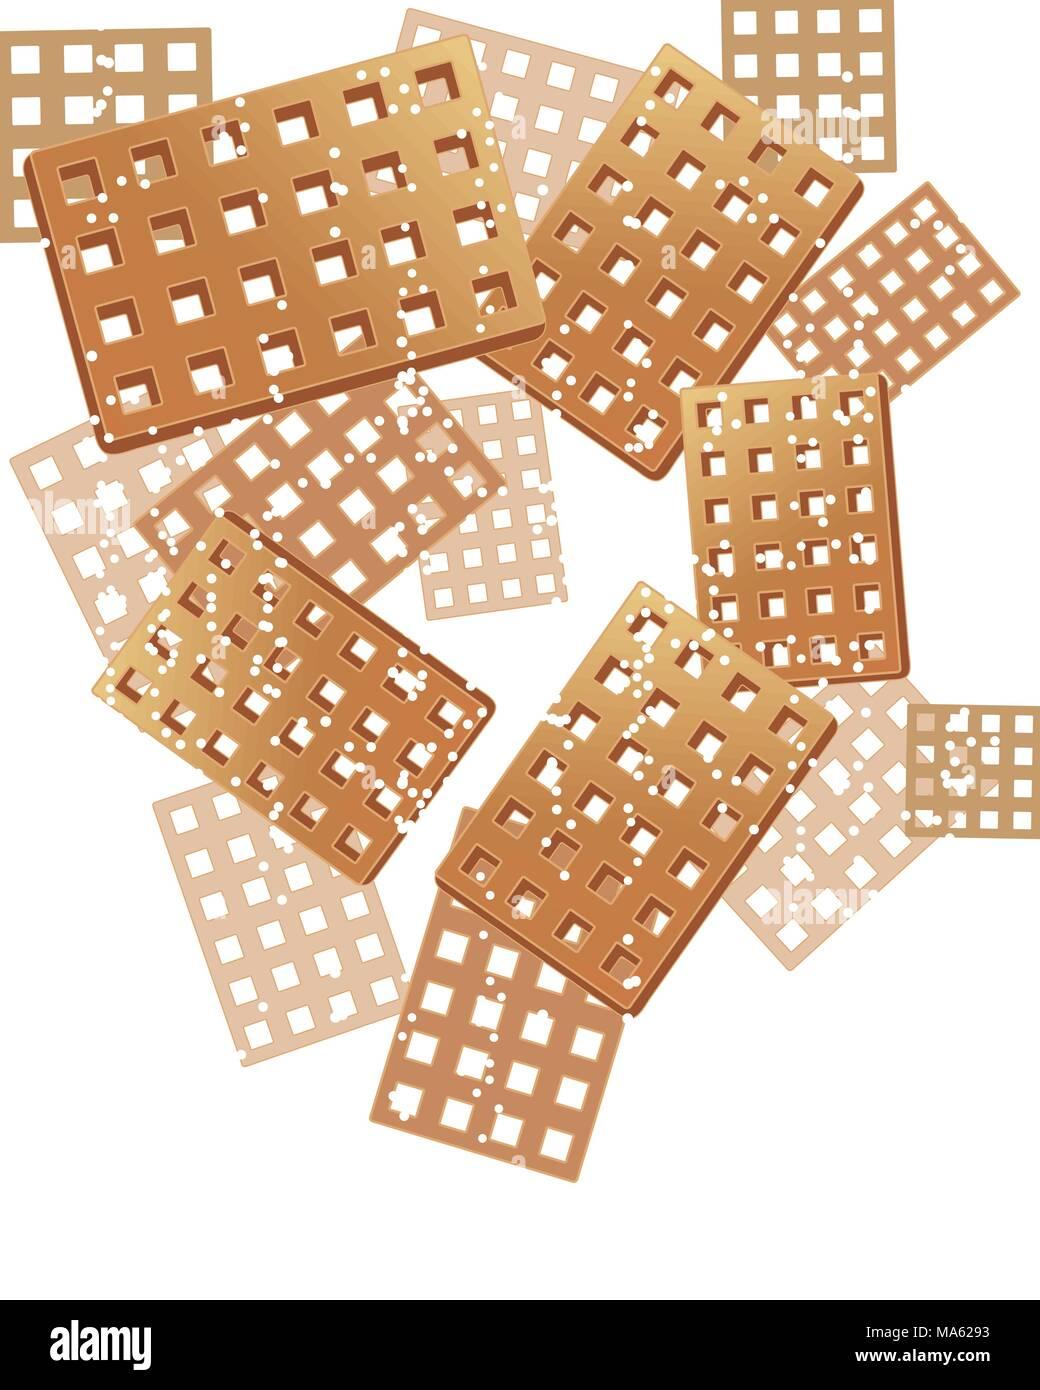 Una illustrazione vettoriale in formato eps formato 10 di cialde di zucchero e un pizzico di burattatura su sfondo bianco Immagini Stock